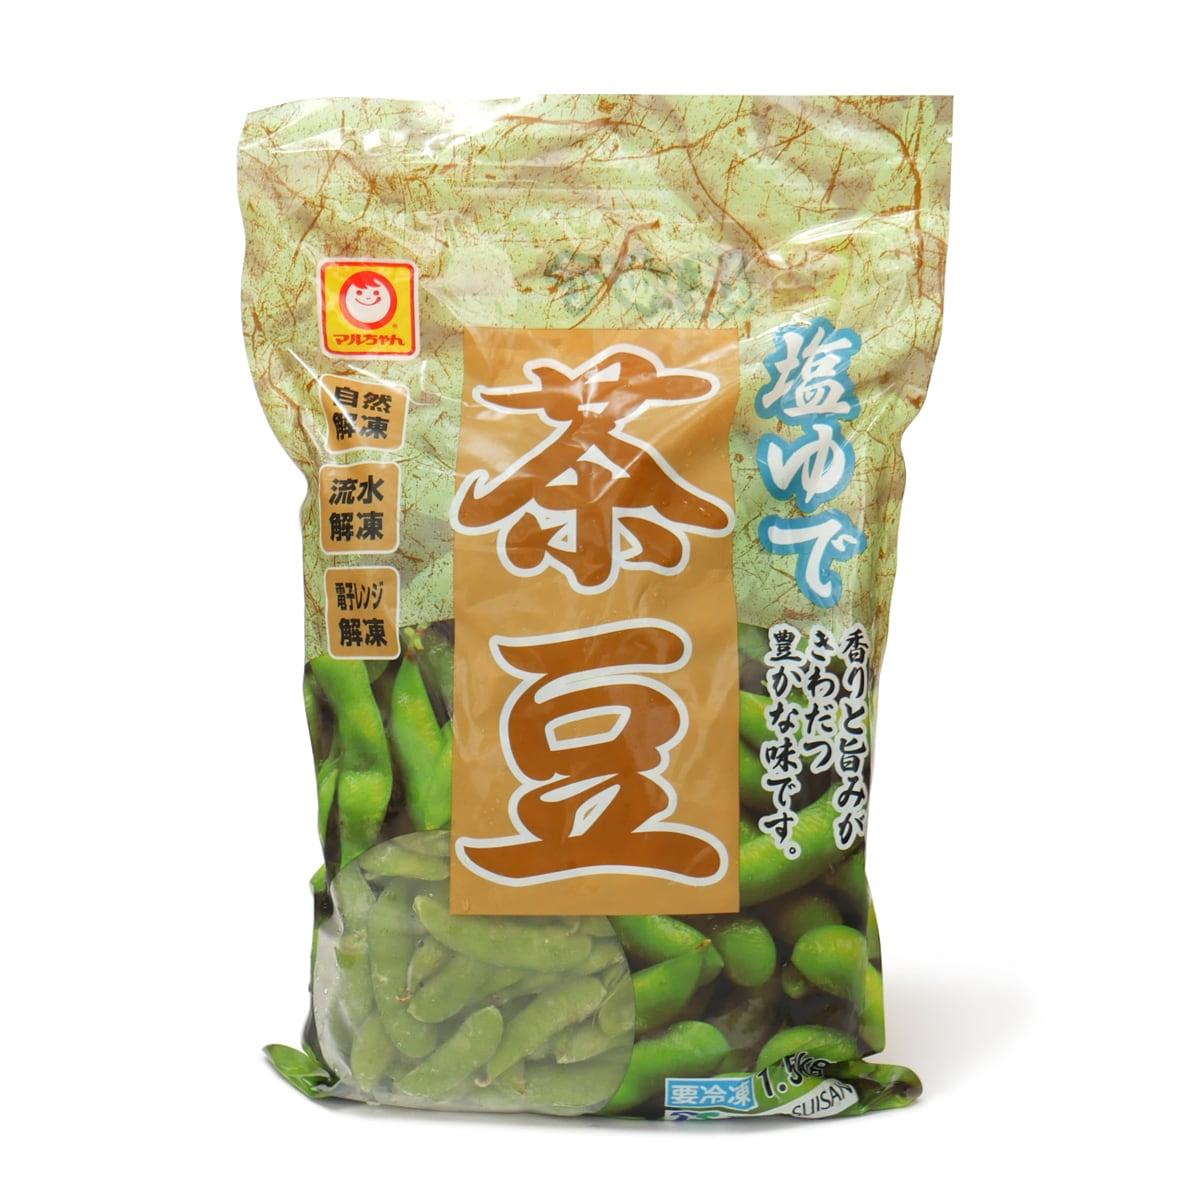 マルちゃん塩ゆで茶豆 1.5kg